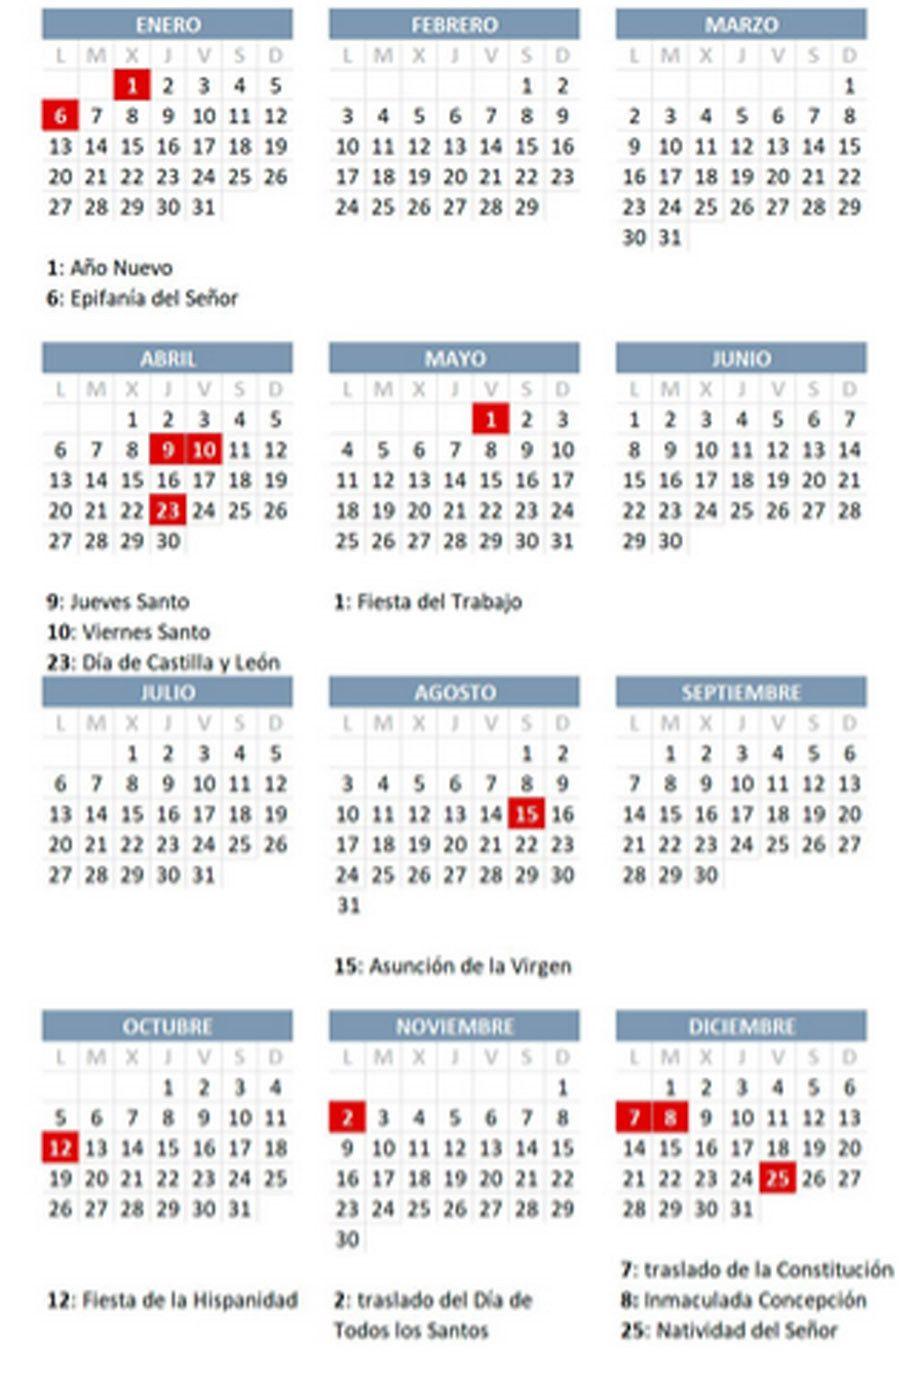 2020 Calendario Laboral.Calendario Laboral 2020 Consulta Todos Los Festivos